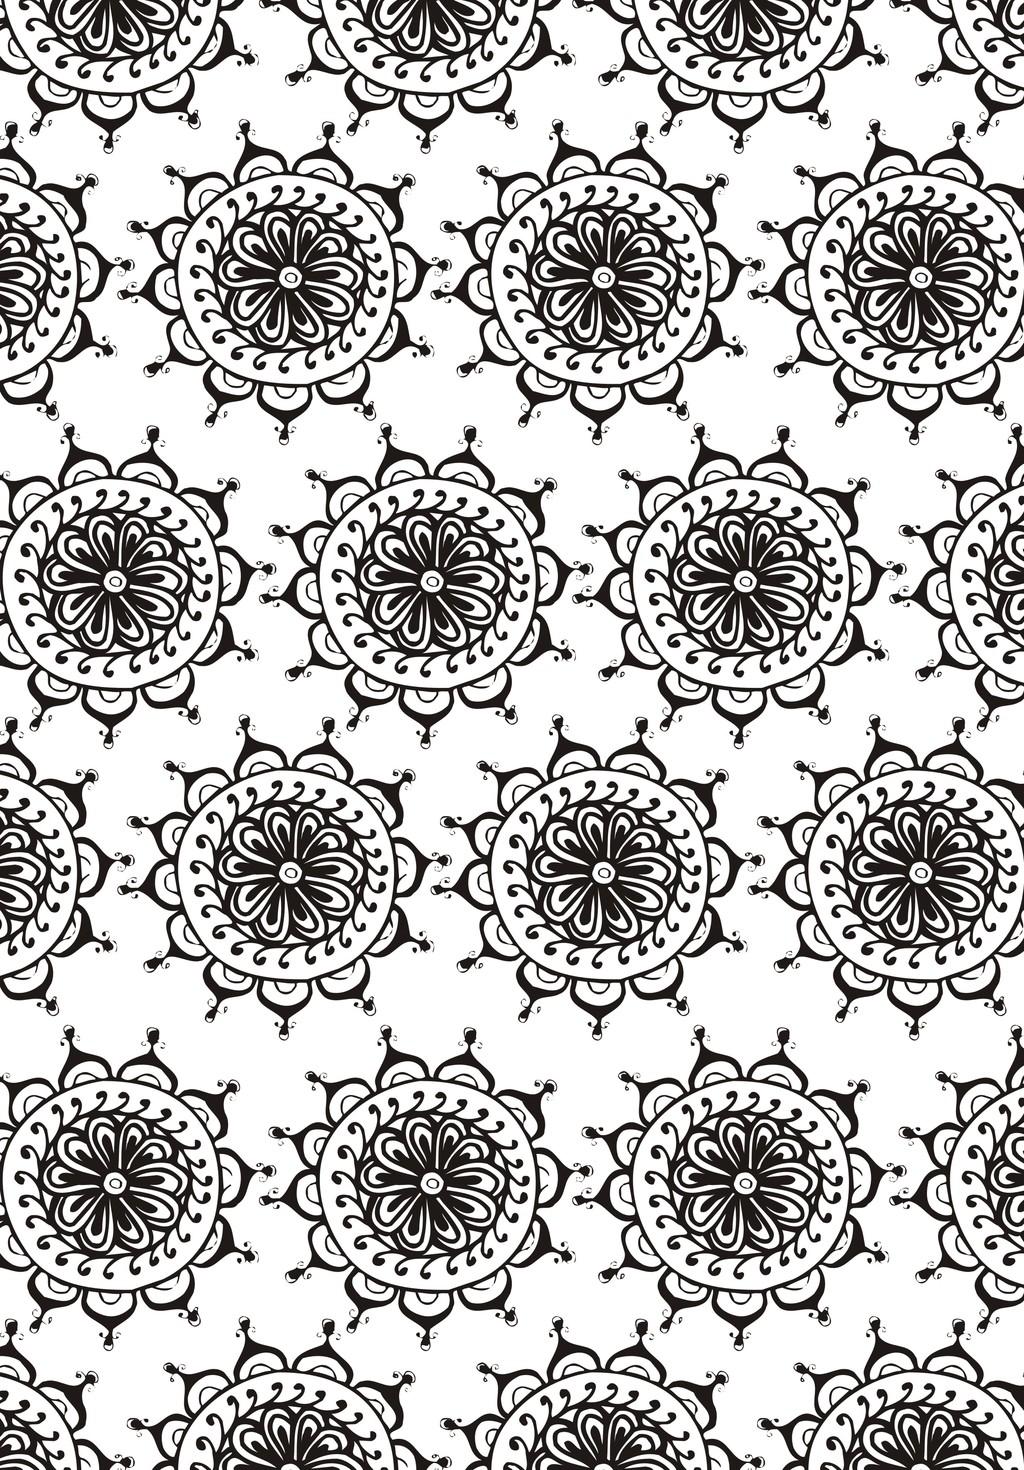 欧式花纹植物花卉简笔画图片设计素材_高清其他模板()